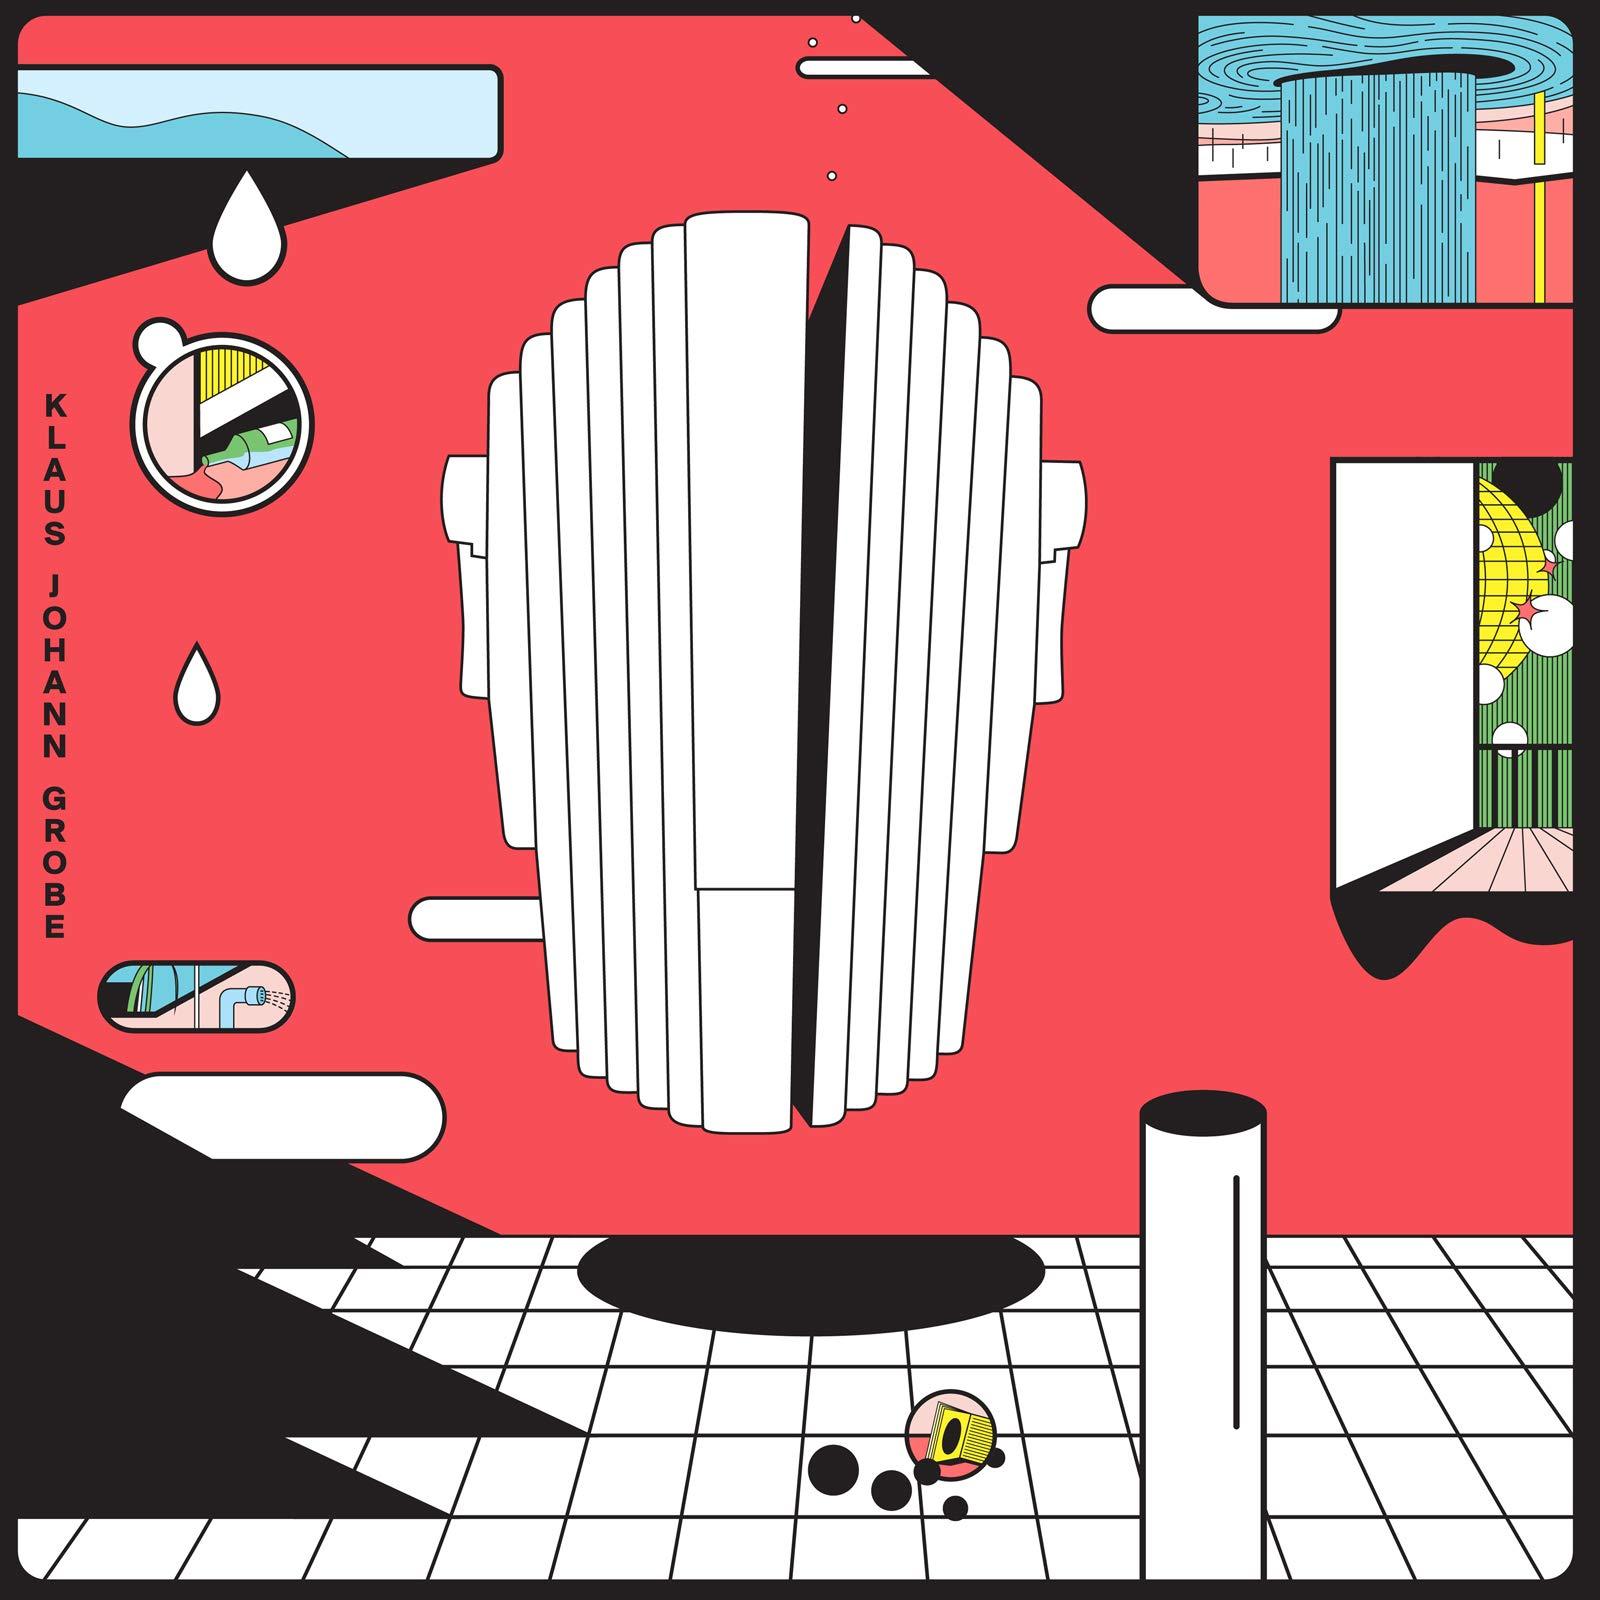 Vinilo : Klaus Johann Grobe - Du Bist So Symmetrisch (Limited Edition, Colored Vinyl, Blue, Canada - Import)